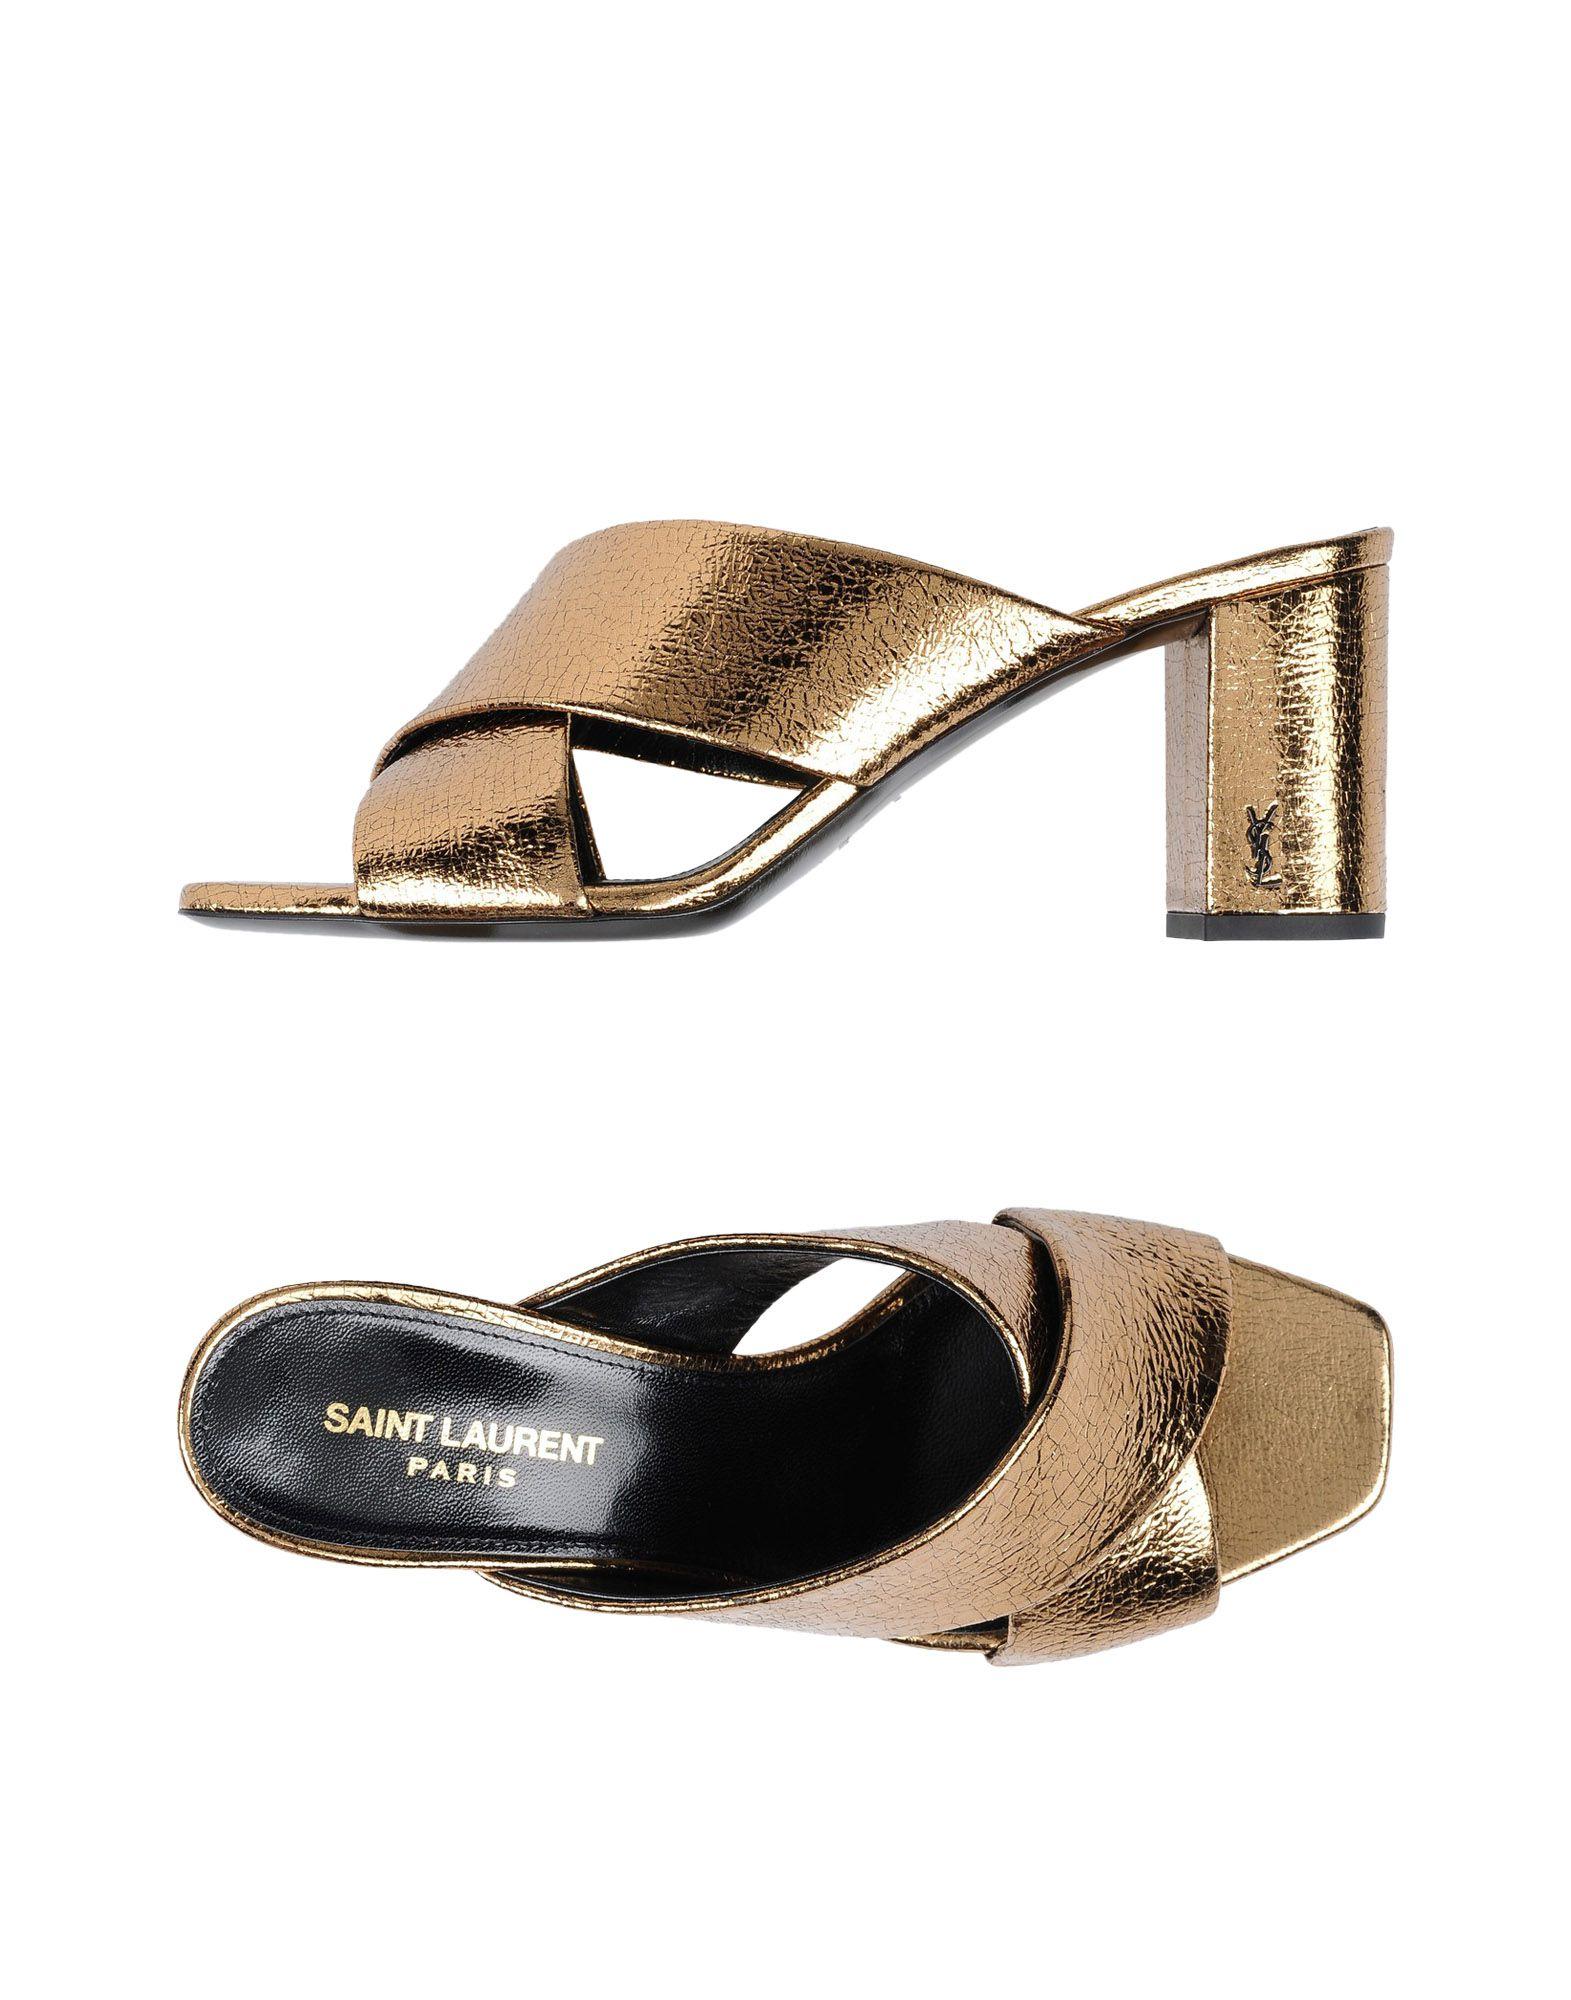 Saint Laurent Sandals Sandals - Women Saint Laurent Sandals Sandals online on  Canada - 11480908OG 31a2f2